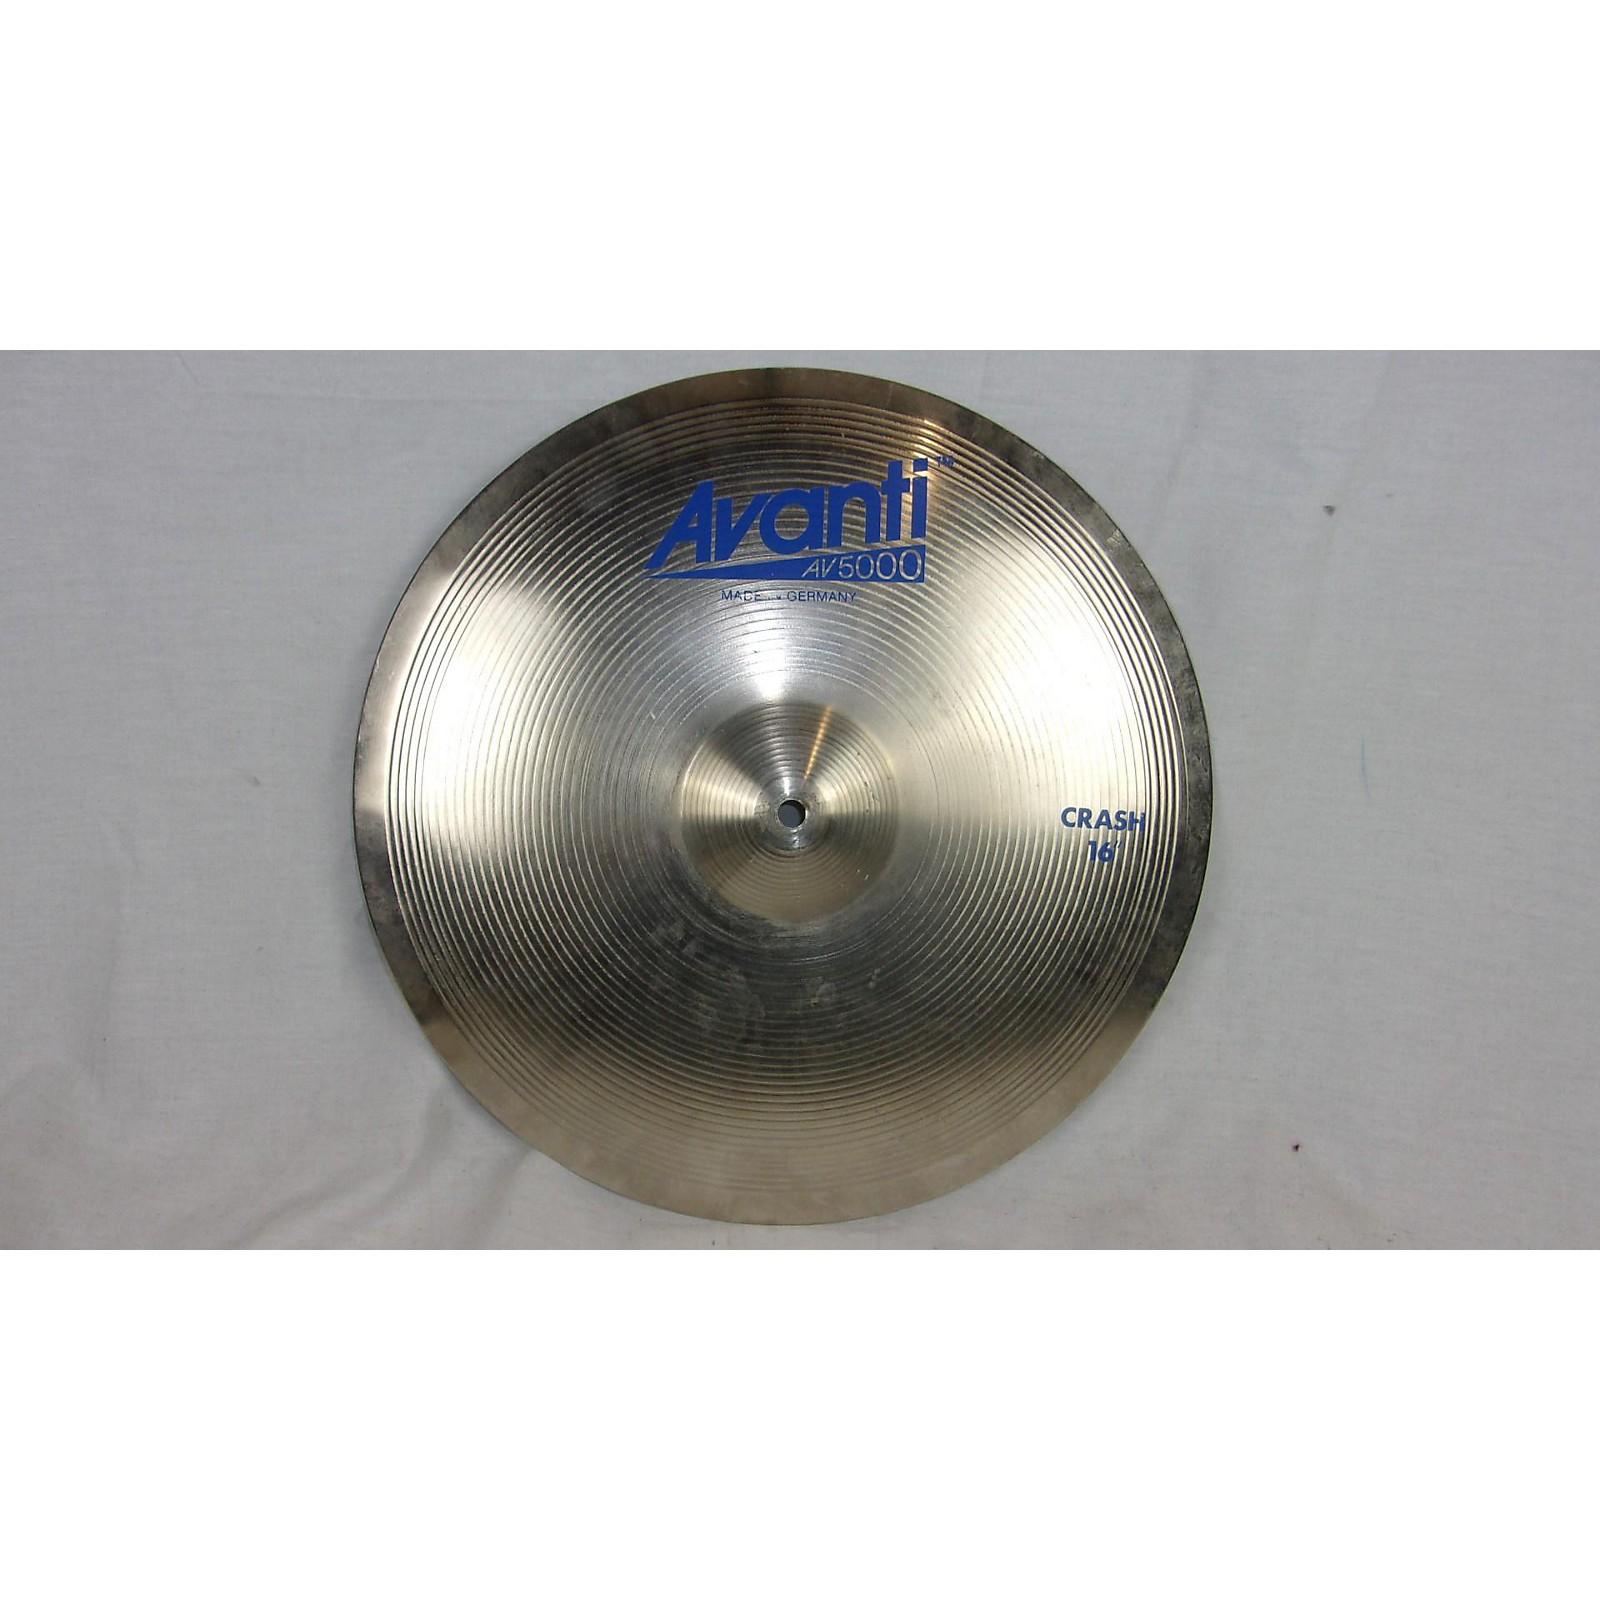 Avanti 16in AV5000 Cymbal